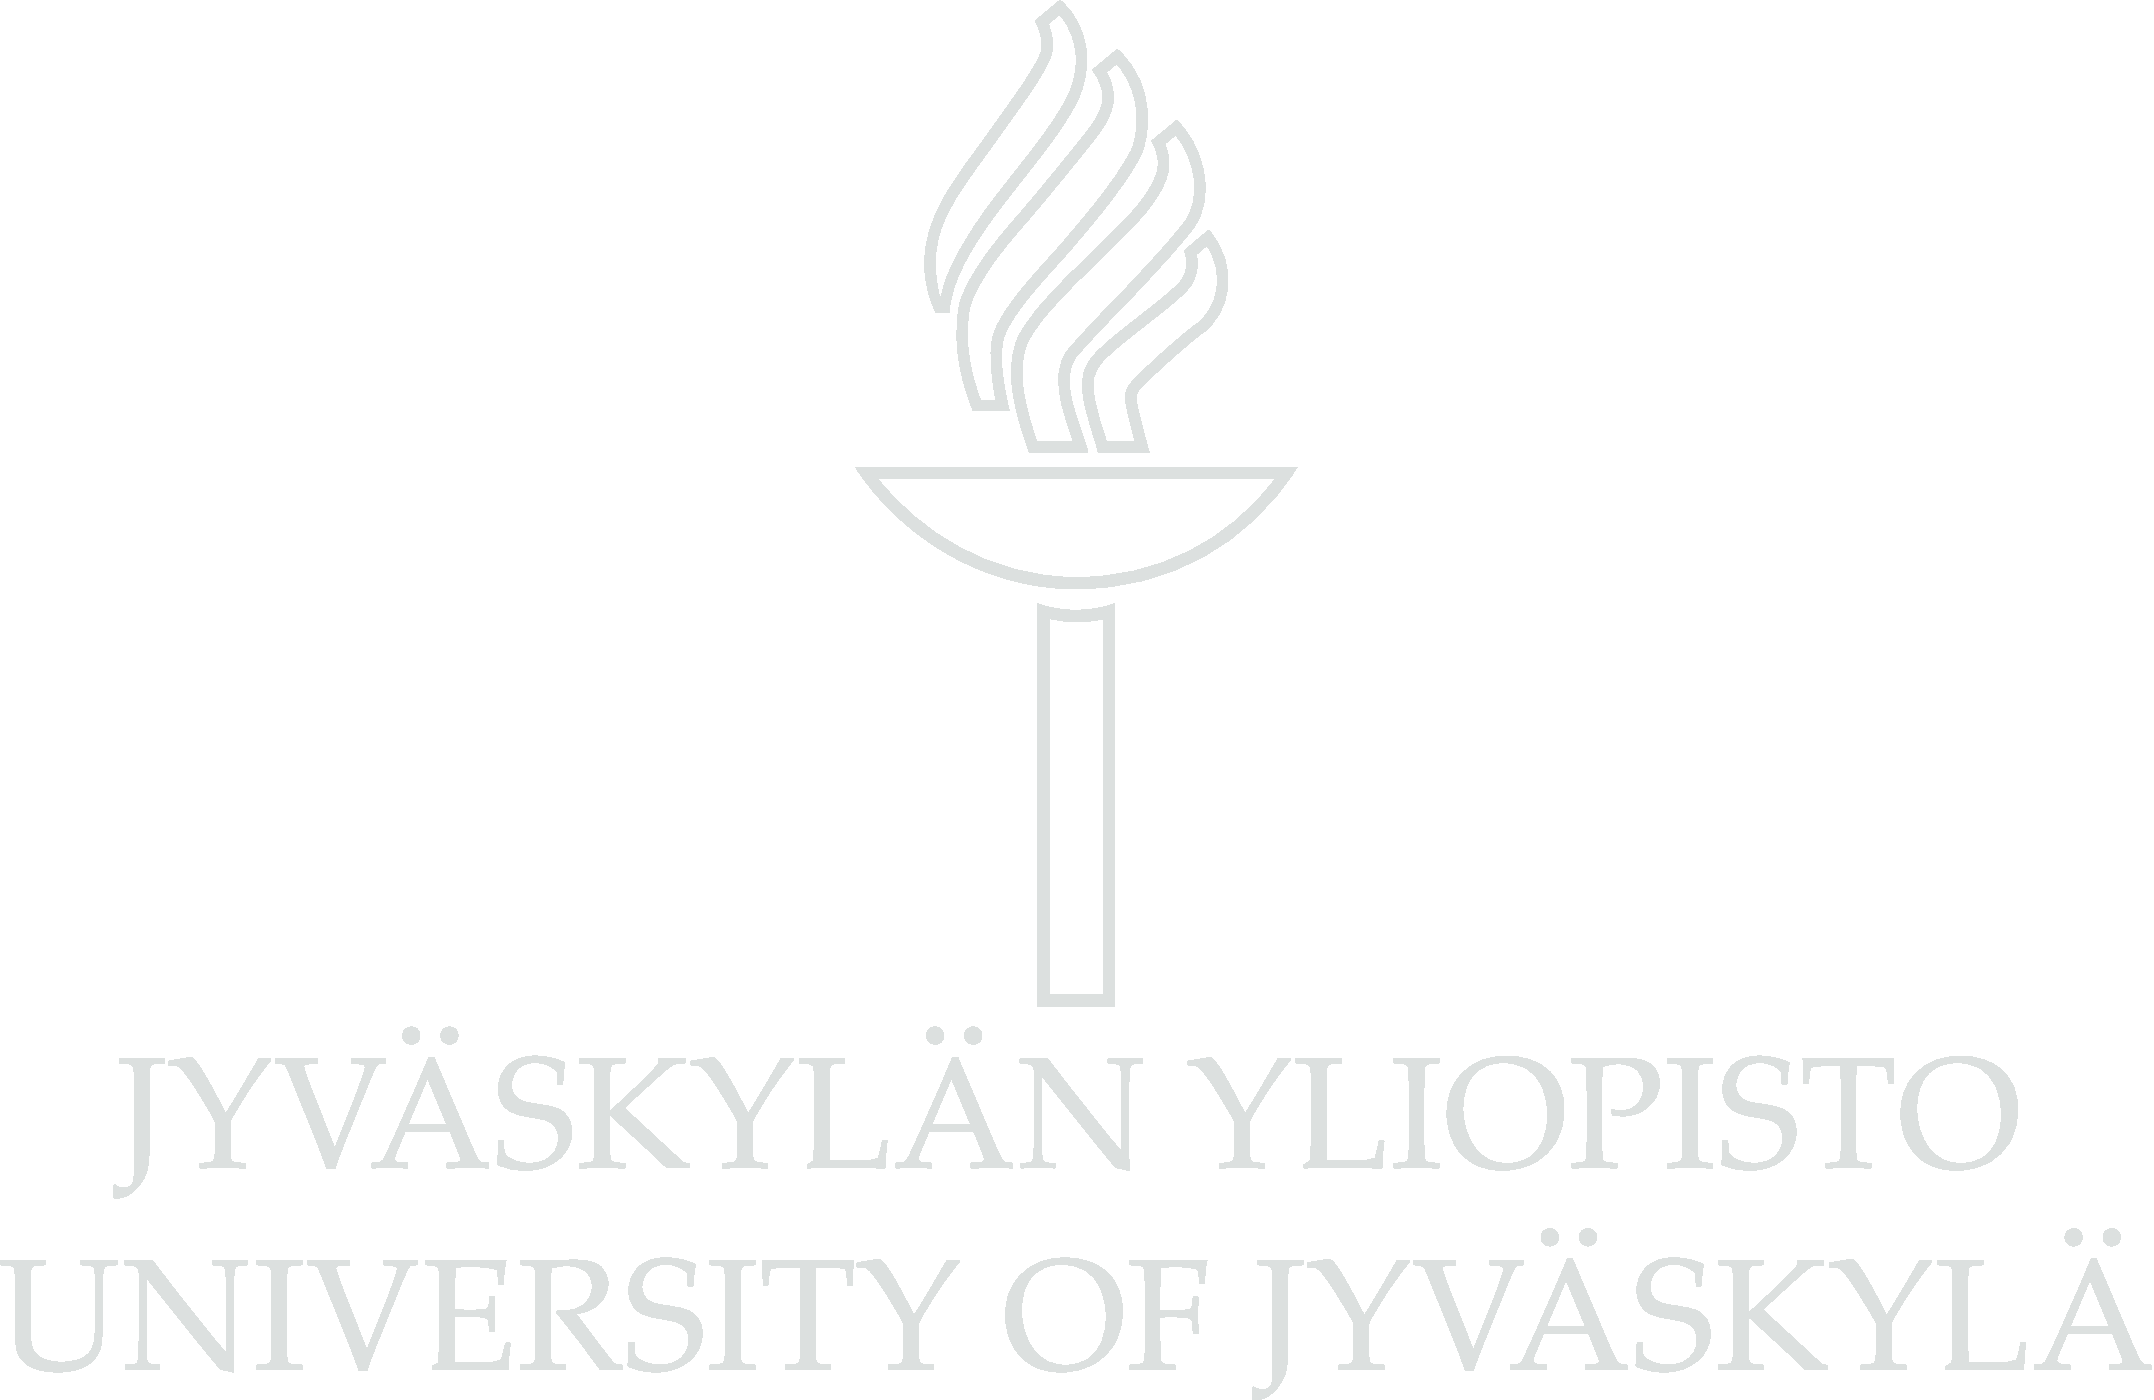 Jyväskylän yliopisto -logo